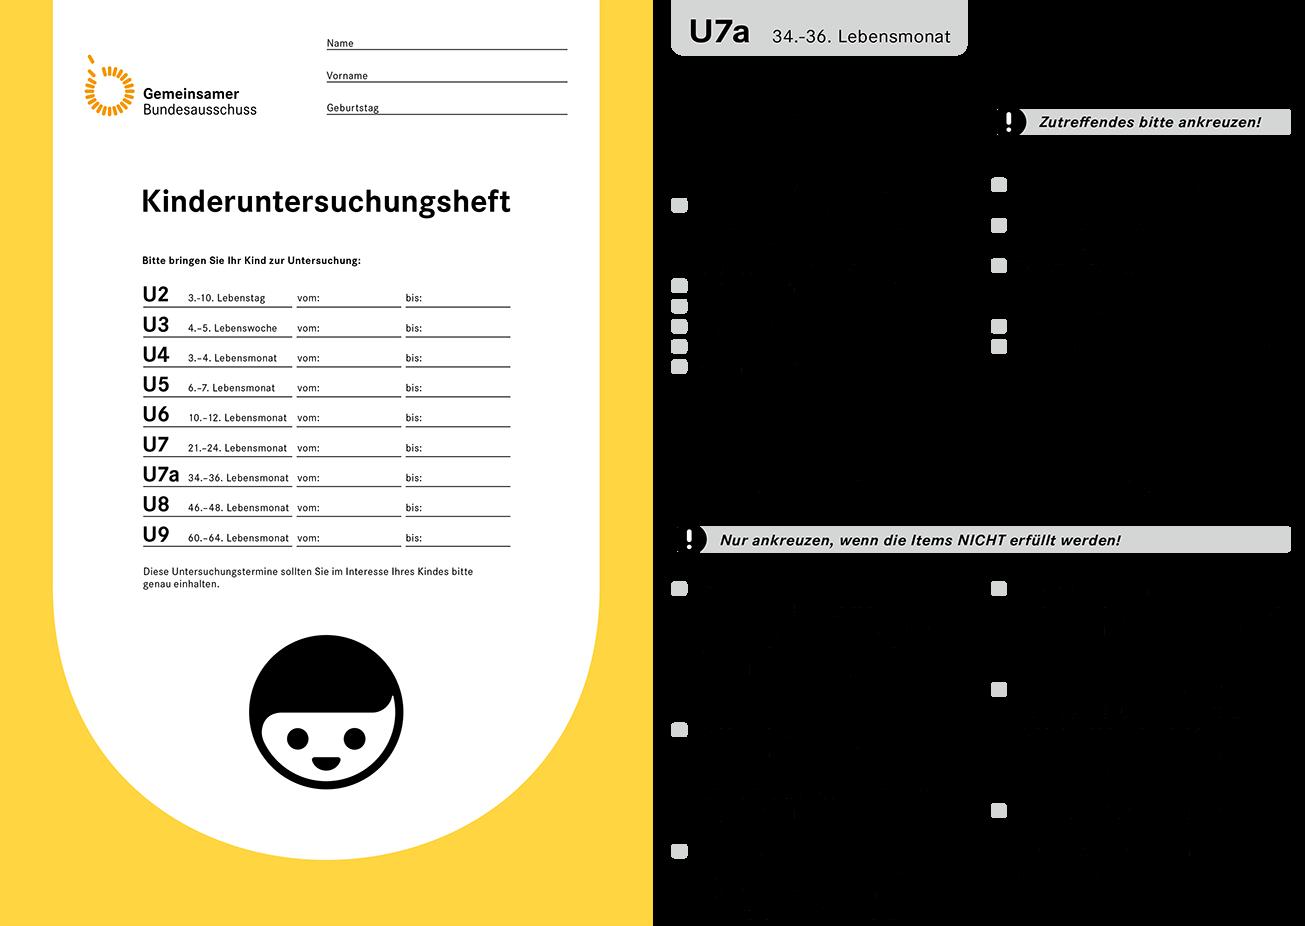 Titelseite und Abschnitt U7a des Kinderuntersuchungshefts